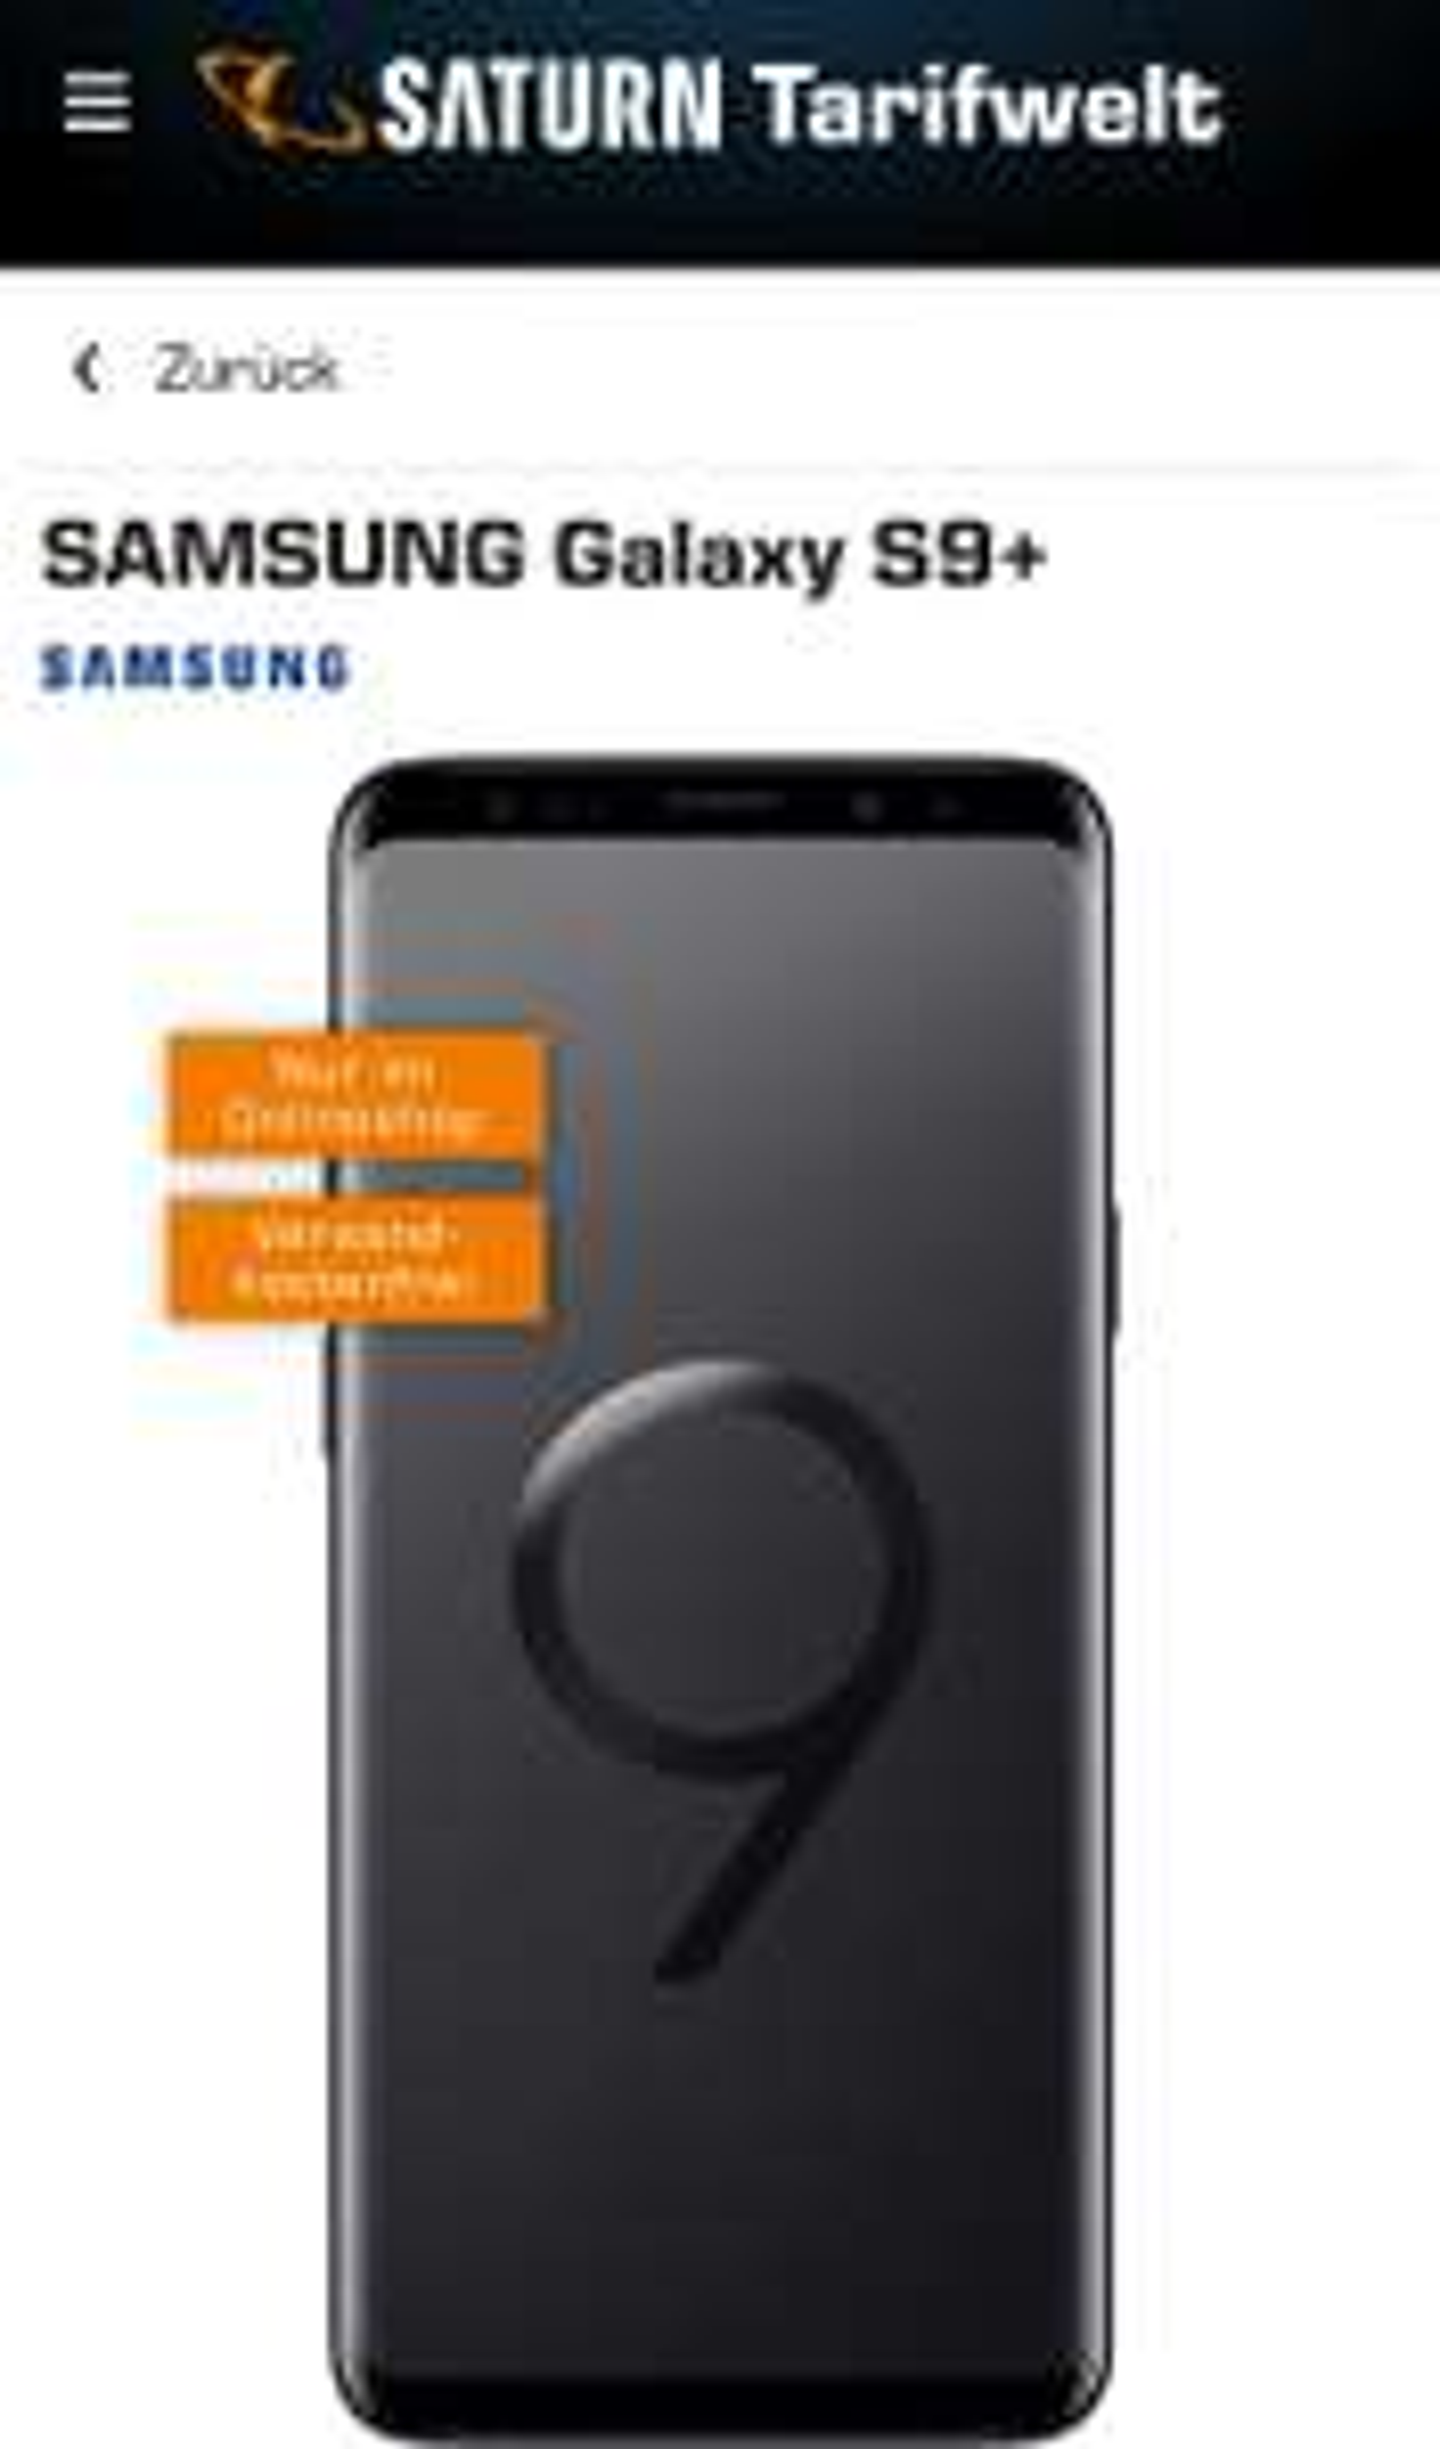 Vodafone Real Allnet (md) mit Samsung Galaxy S9 Plus: mtl. 36,99 € + 99 € (Preissenkung) – Allnet-Tarif mit 8 GB sichern!